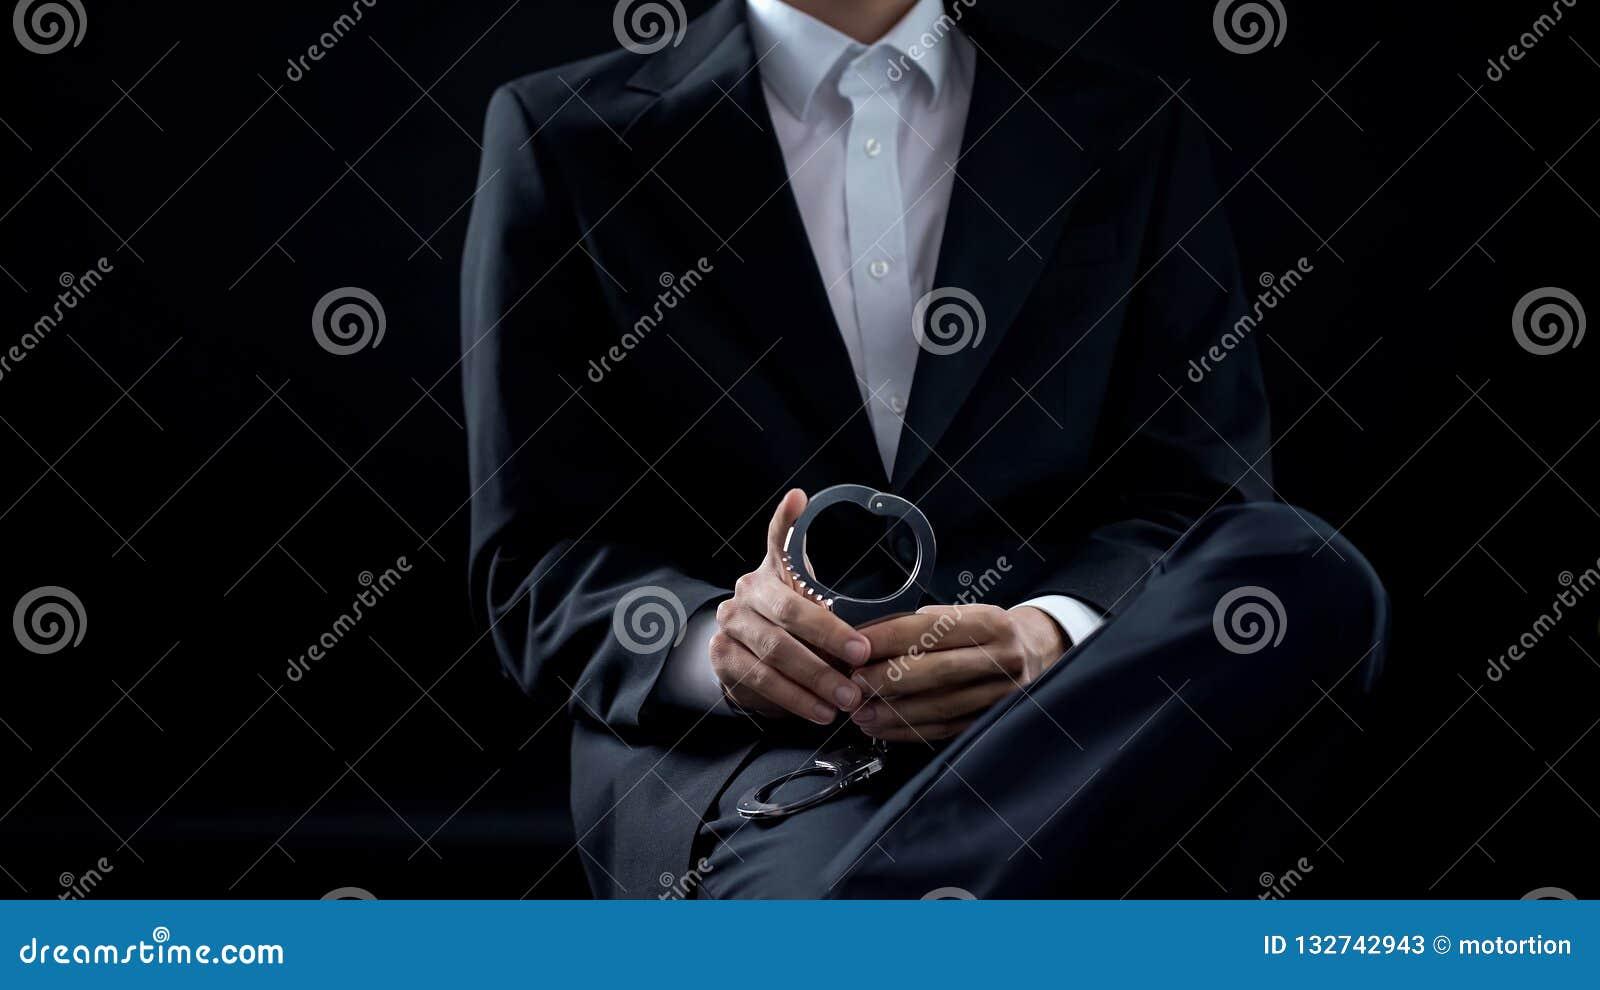 Handcuffs van de onderzoekersholding in handen, misdadige sanctie, wets en orderechtvaardigheid